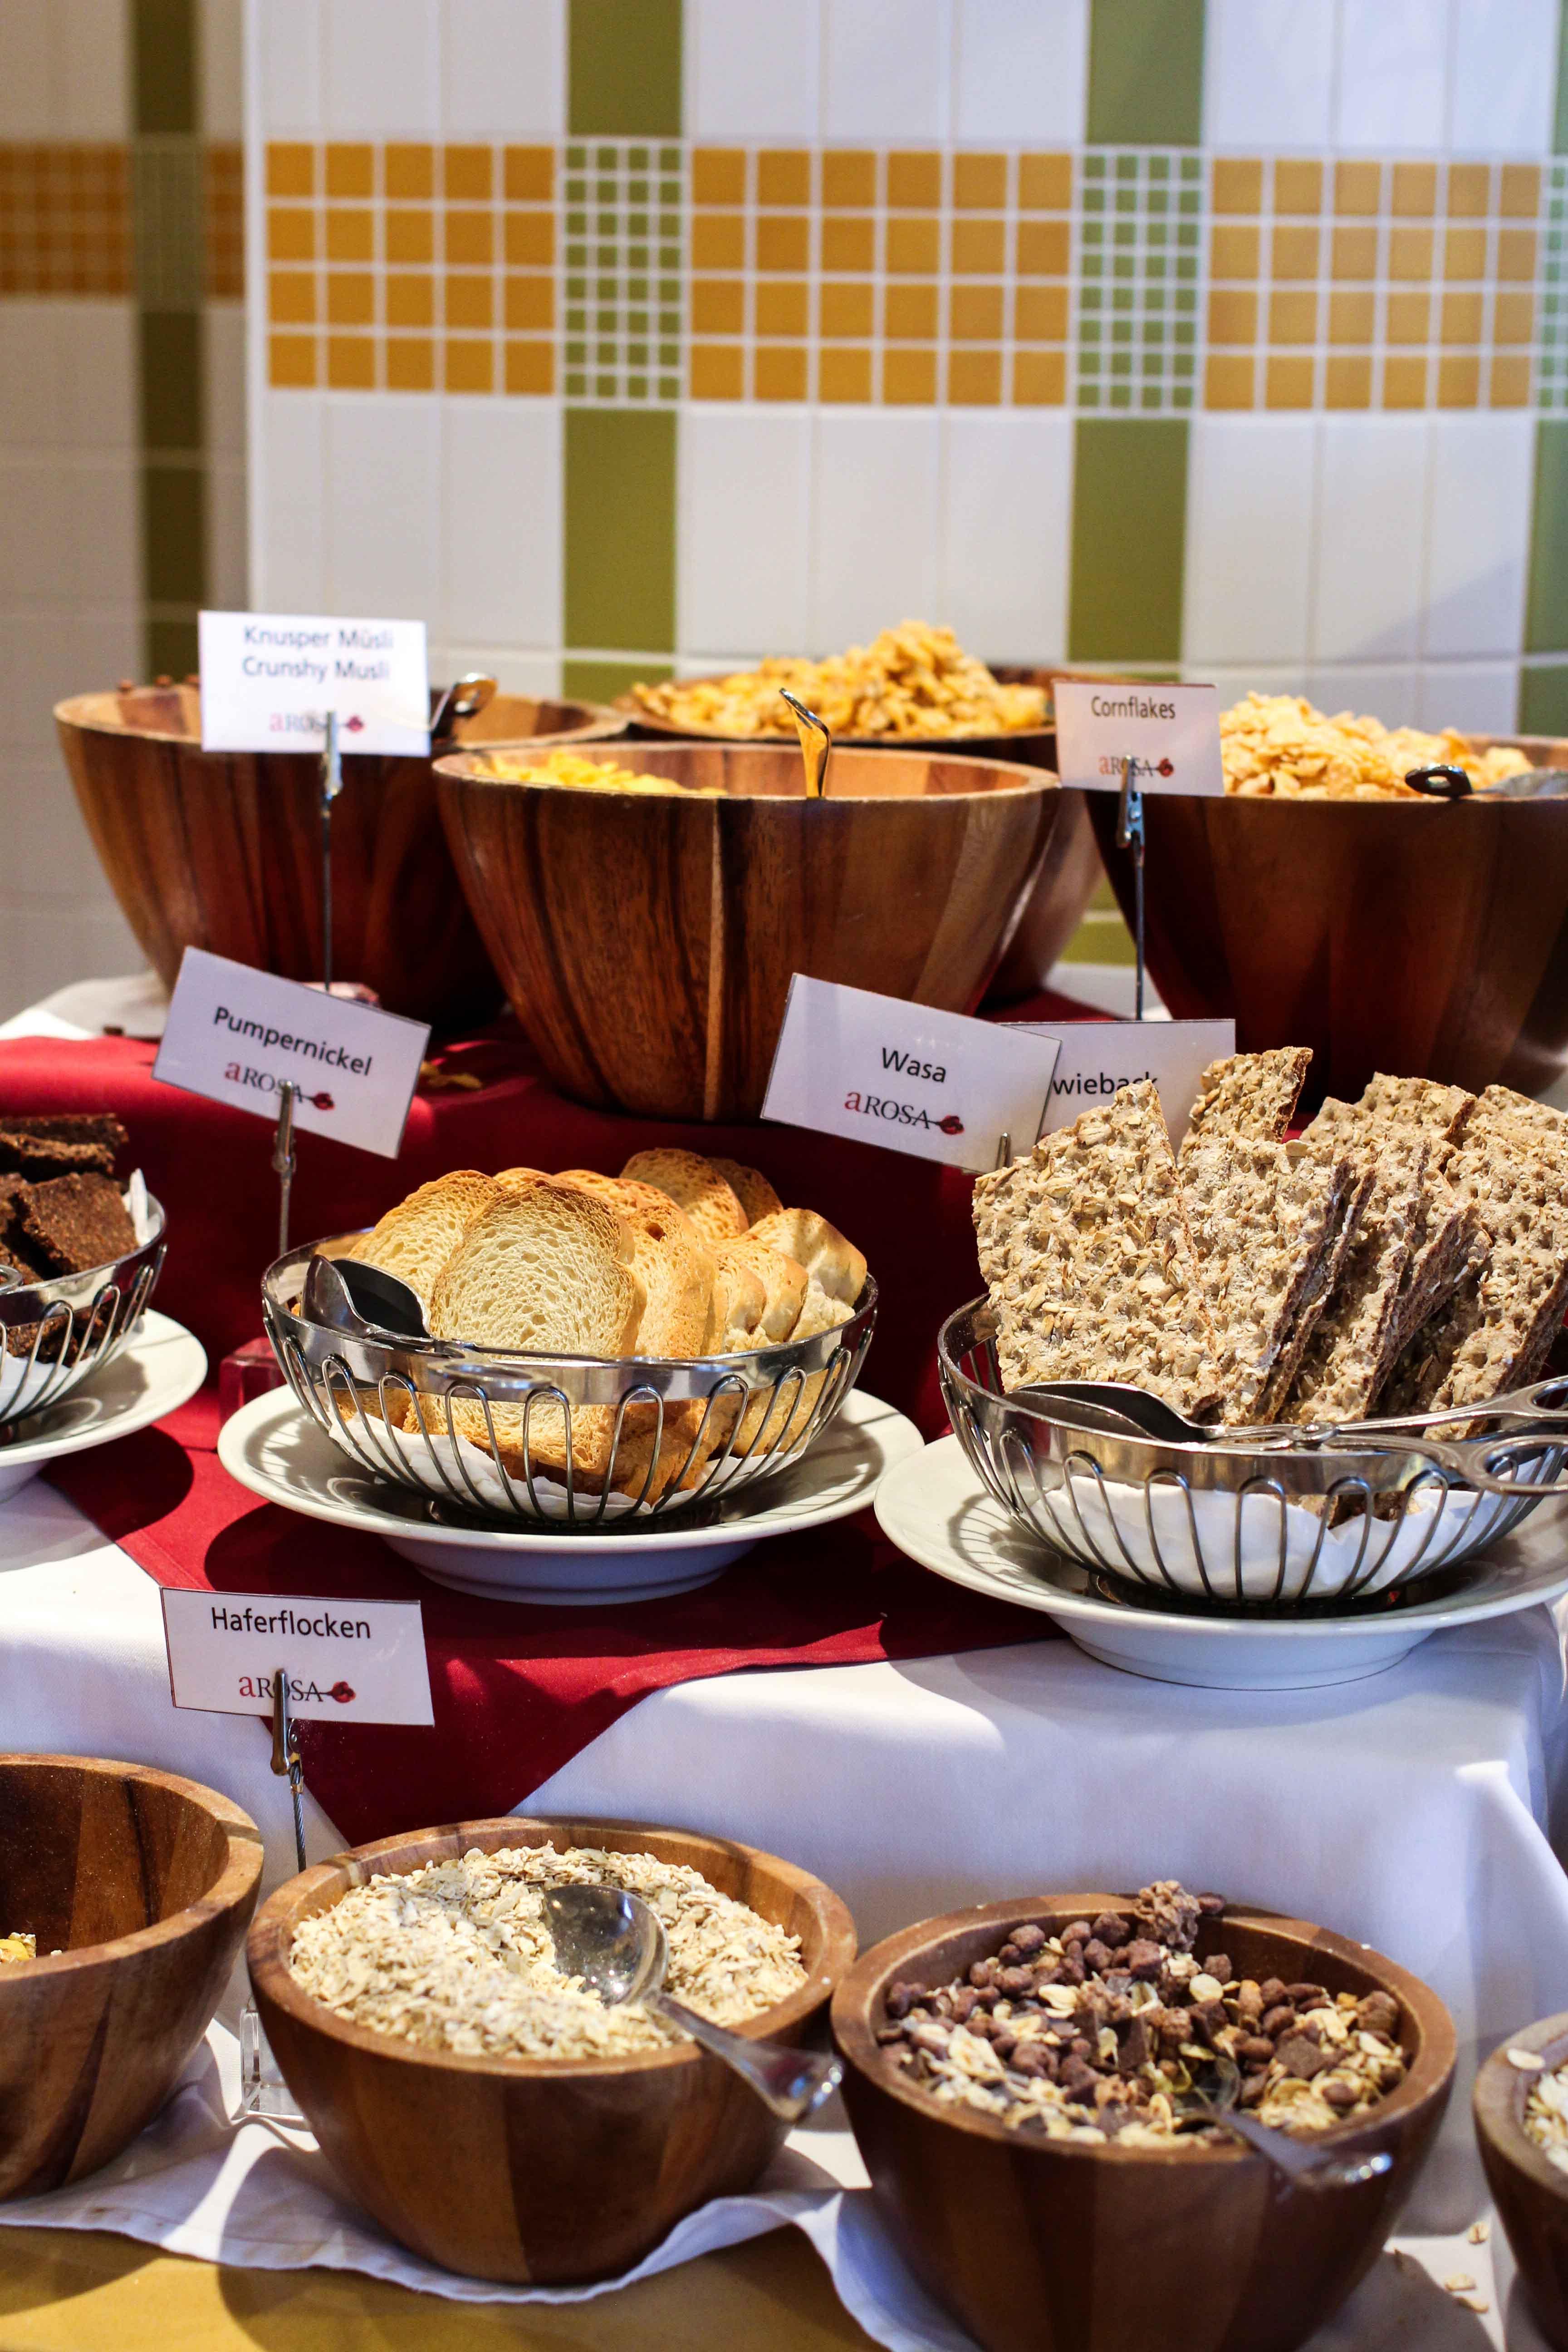 Buffet Früchte Frühstück Flusskreuzfahrt A-ROSA SILVA Kreuzfahrtschiff Rhein Erlebnis Kurs Amsterdam Erfahrung Flusskreuzfahrt Reiseblog